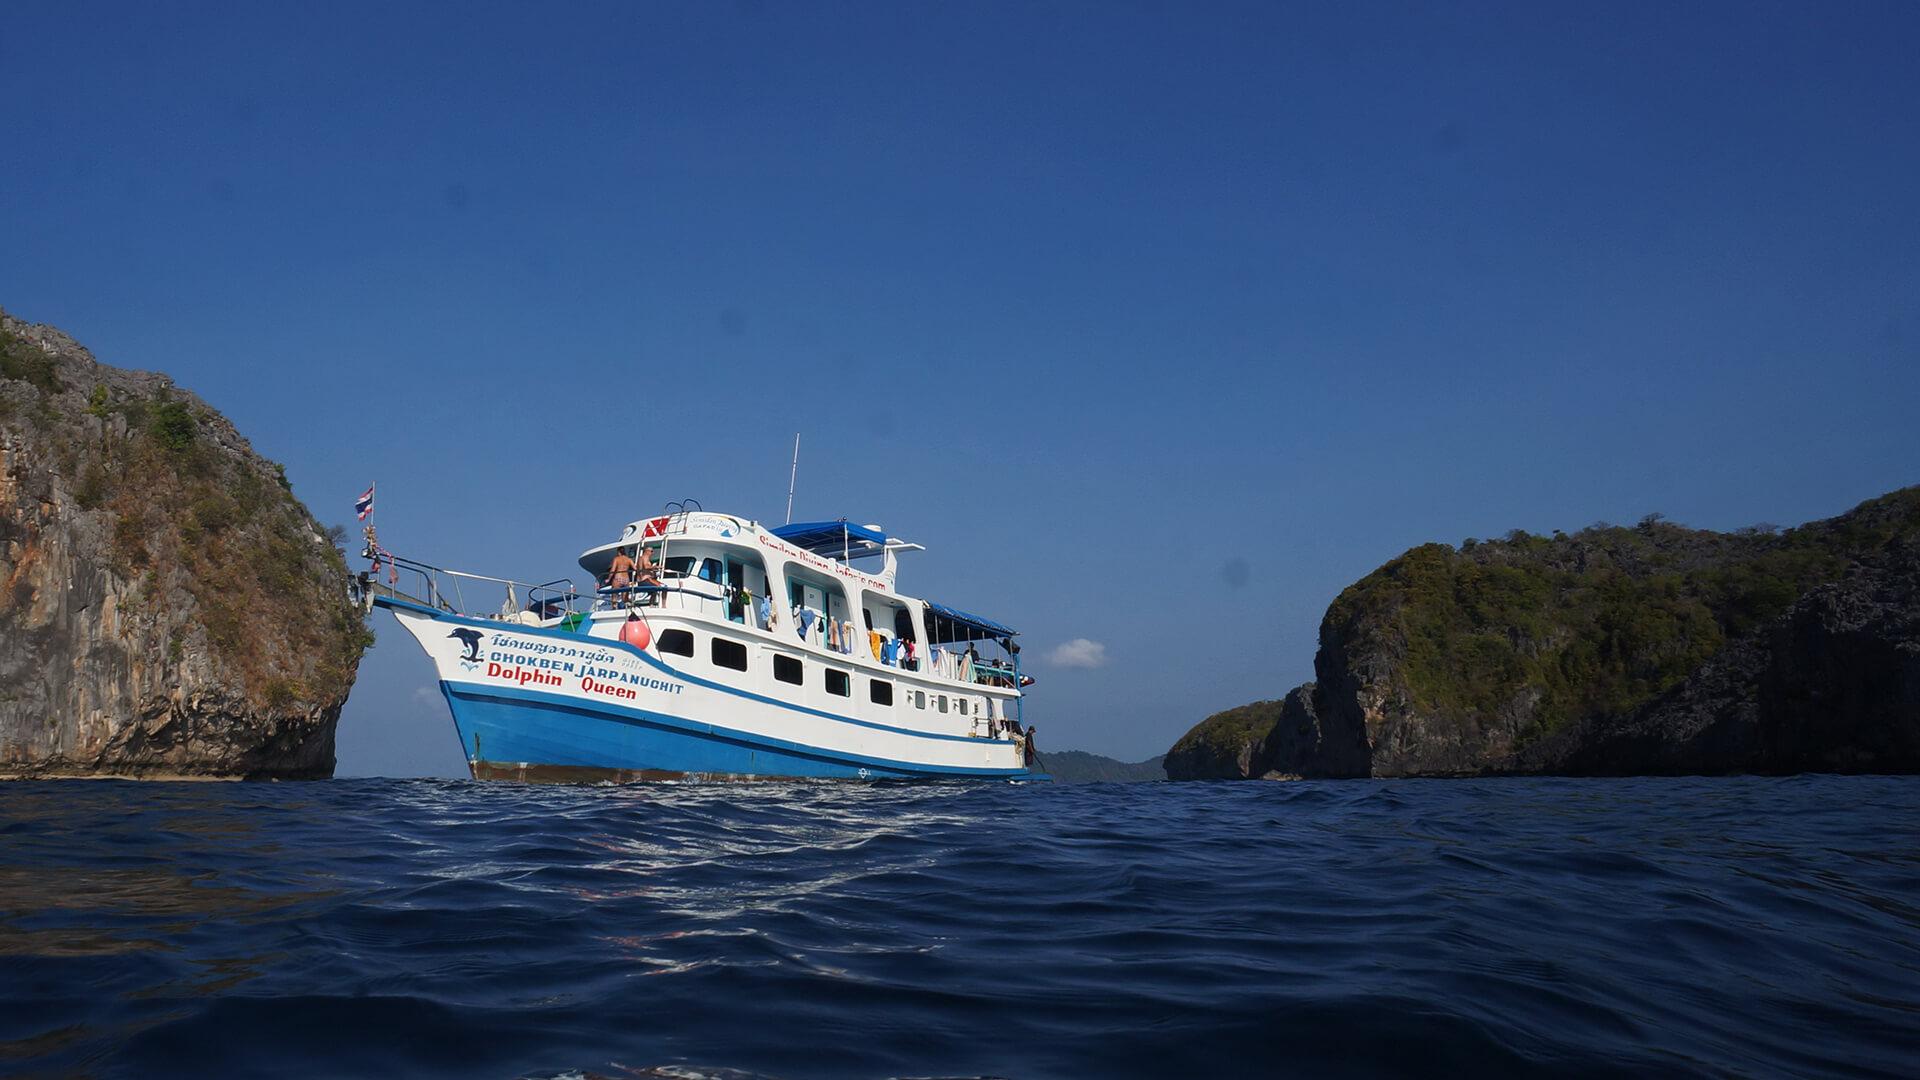 MV Dolphin Queen